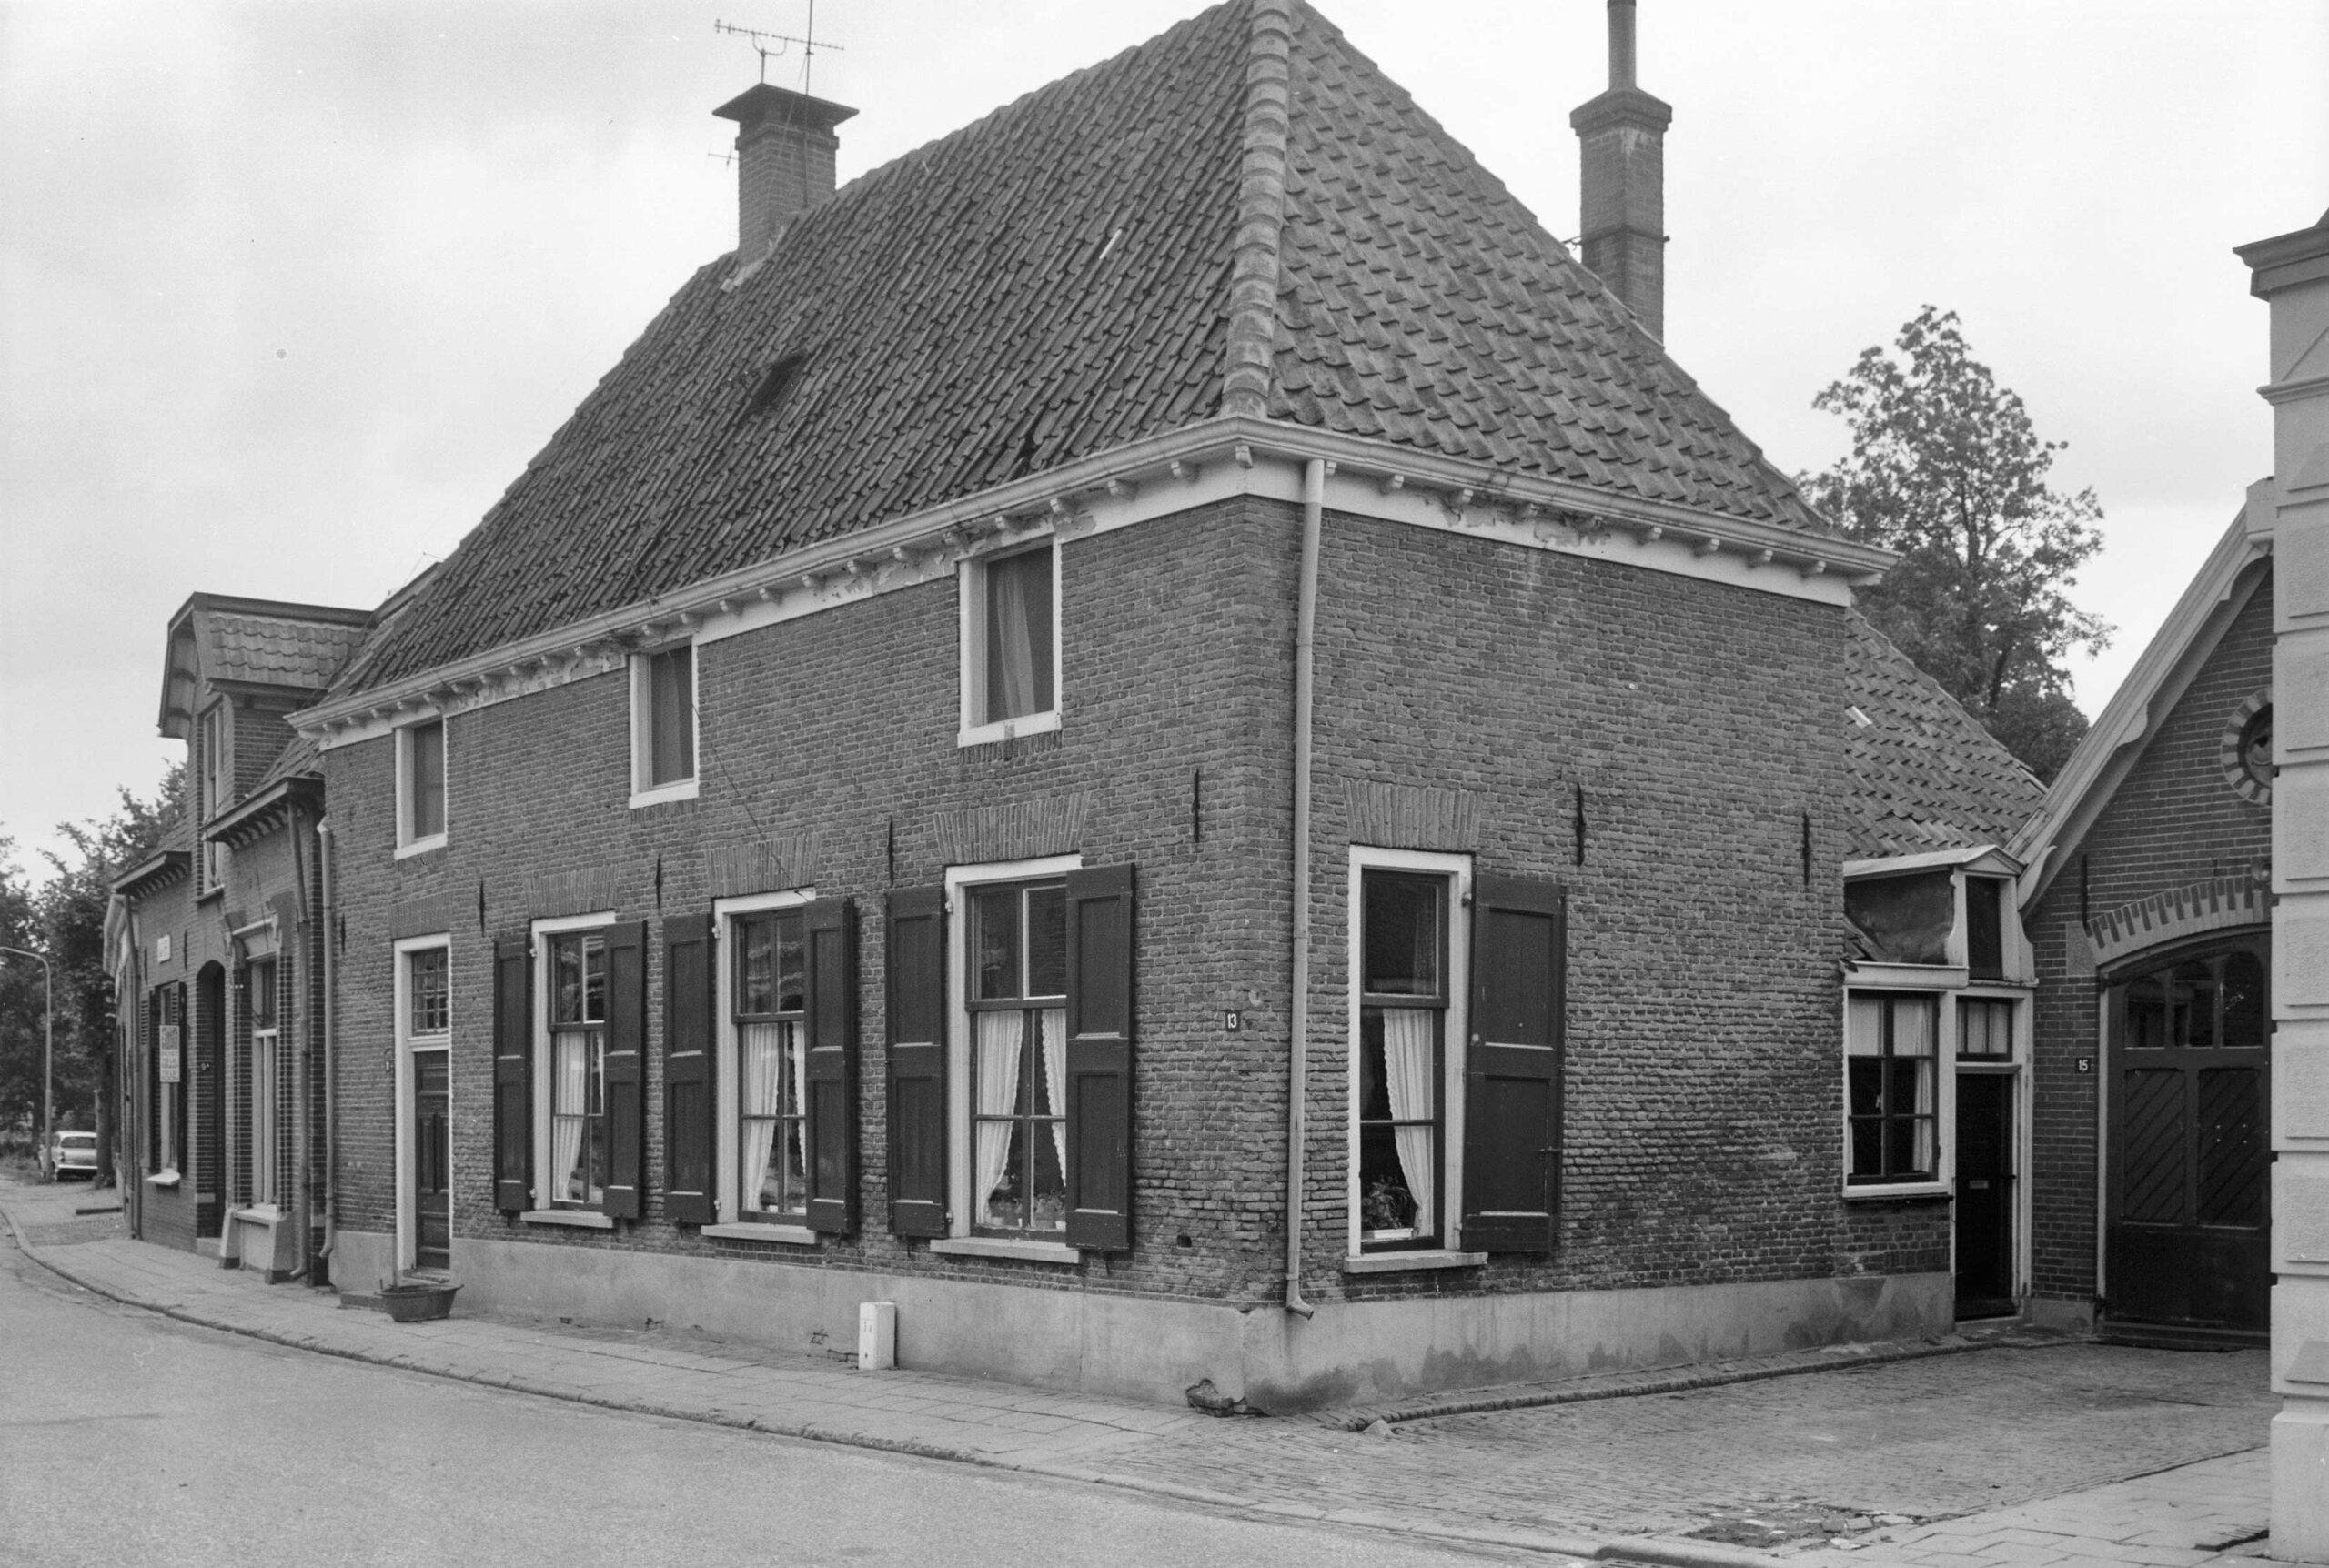 Laag-Keppel Dorpsstraat 11 Dwarshuis